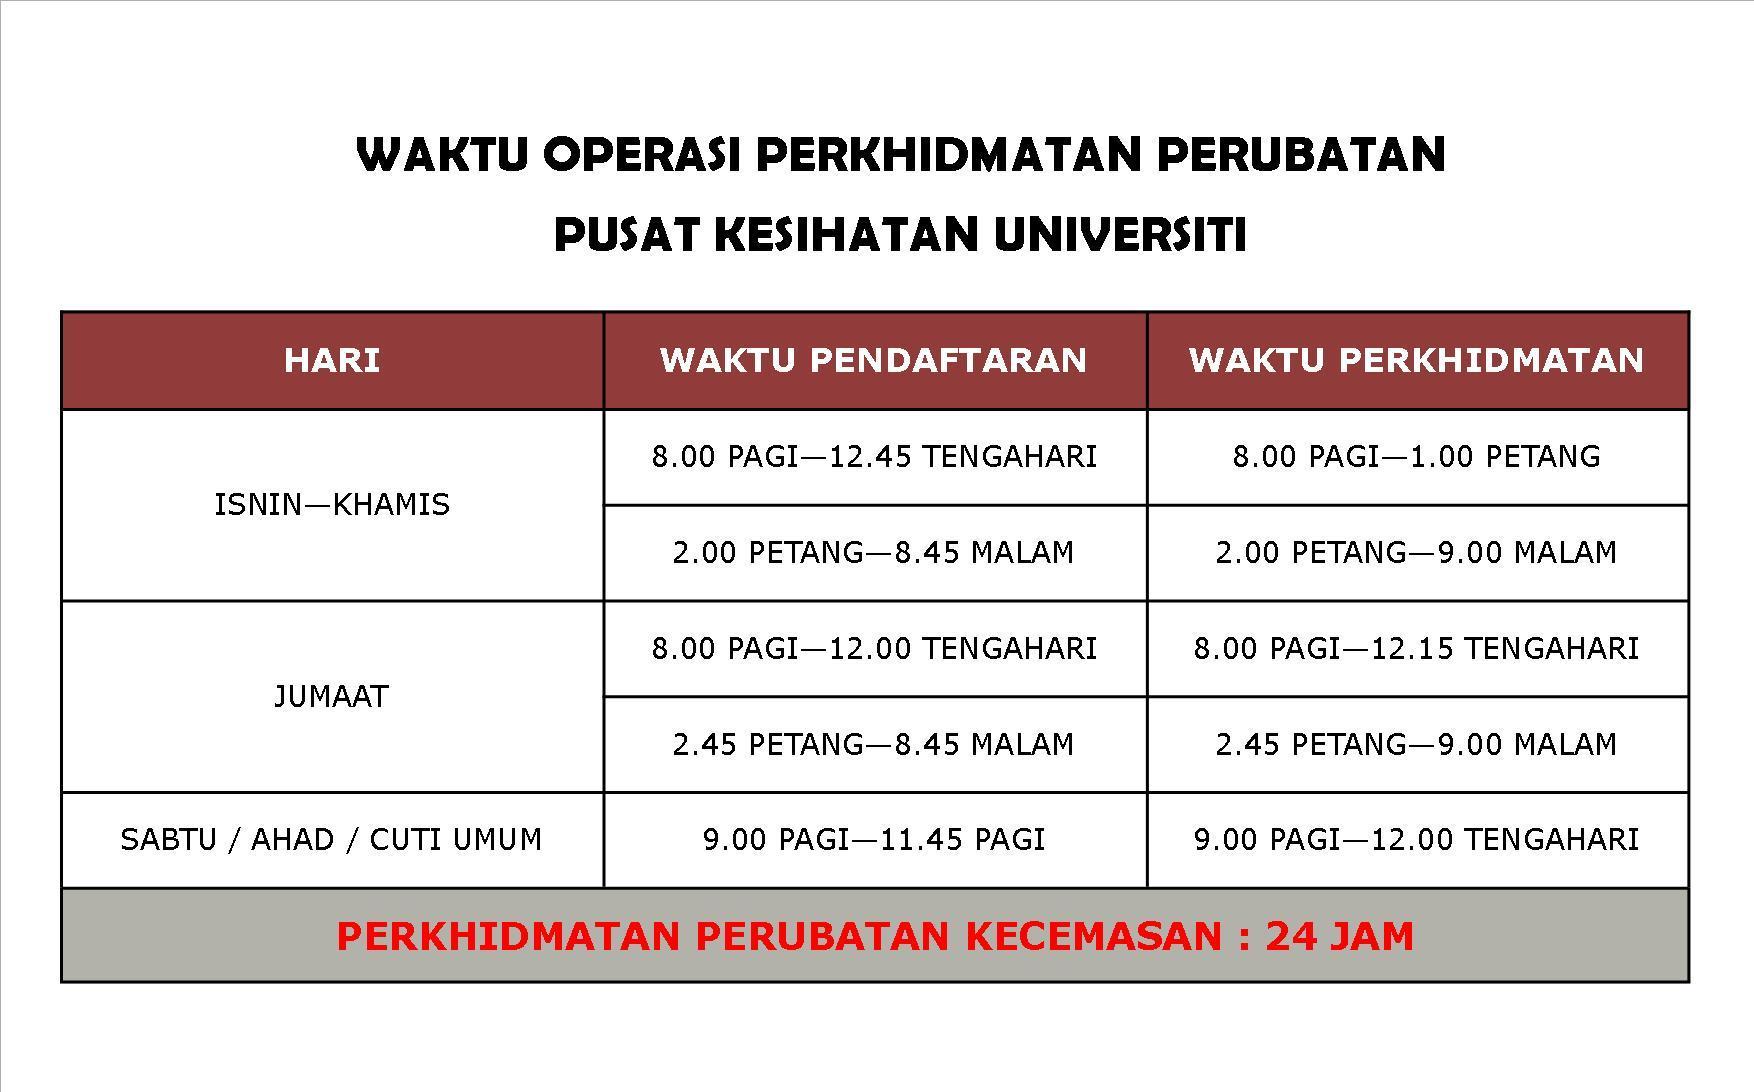 Pusat Kesihatan Universiti